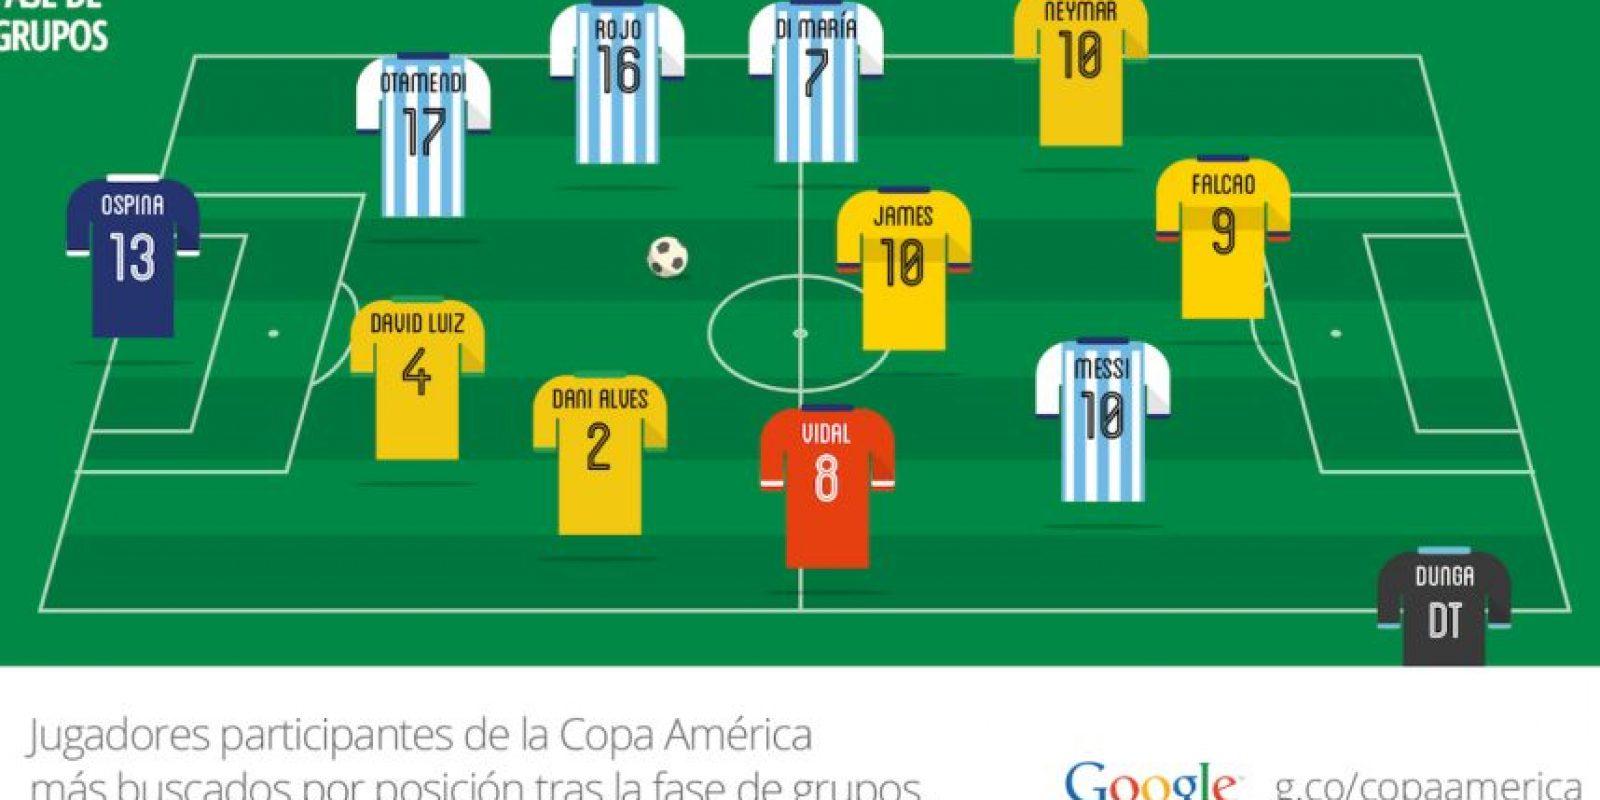 Conozcan a los futbolistas cuyos nombres fueron más buscados en esta Copa América. Foto:g.co/copaamerica